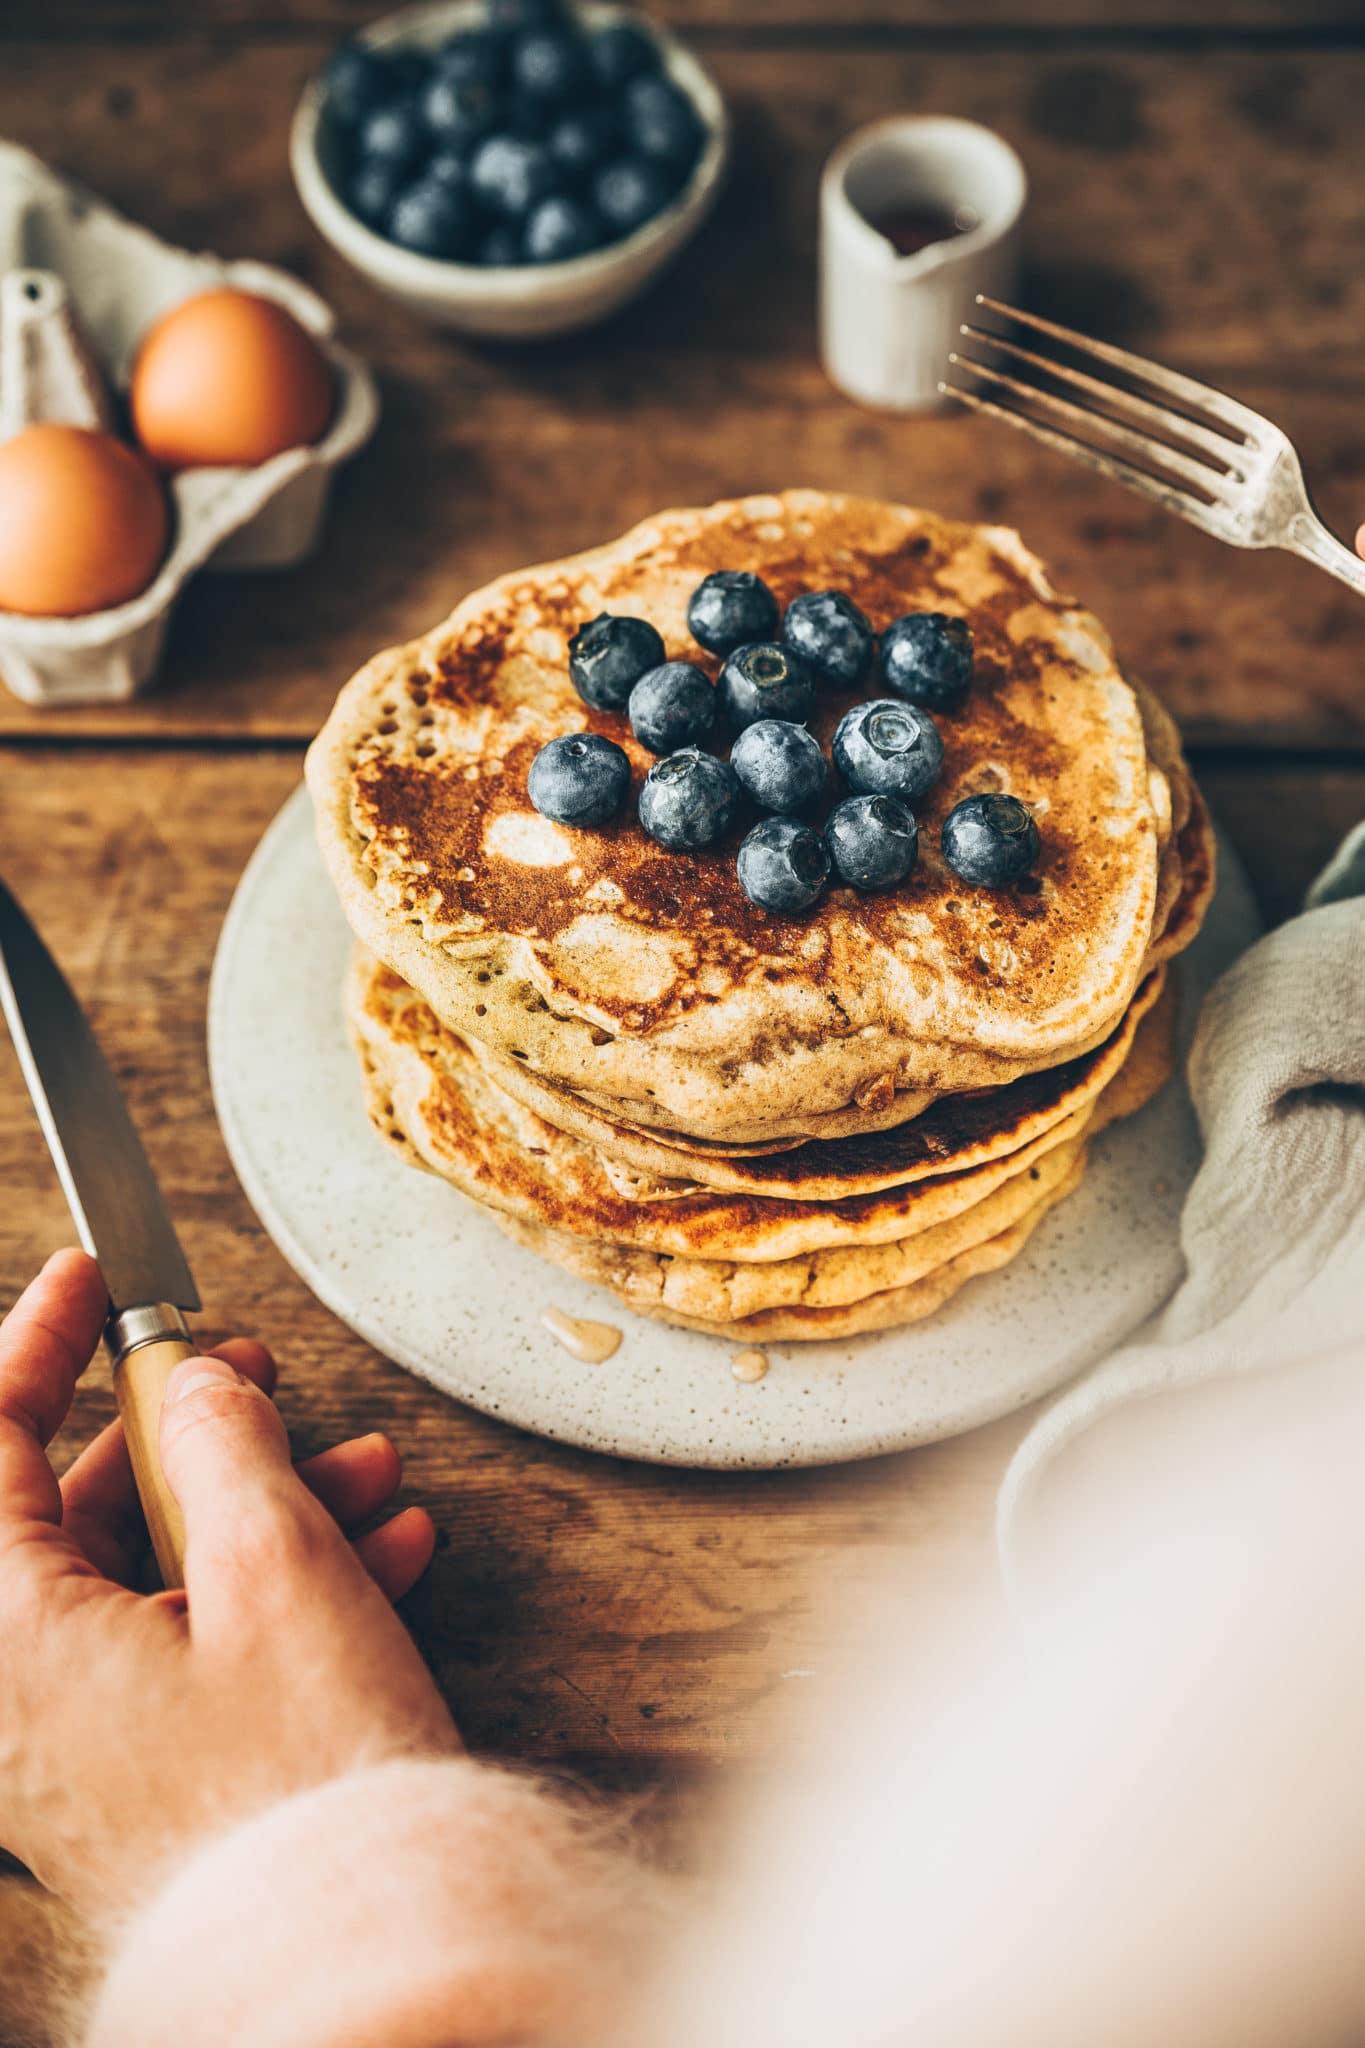 Sourdough pancakes - Mégane Arderighi - styliste culinaire